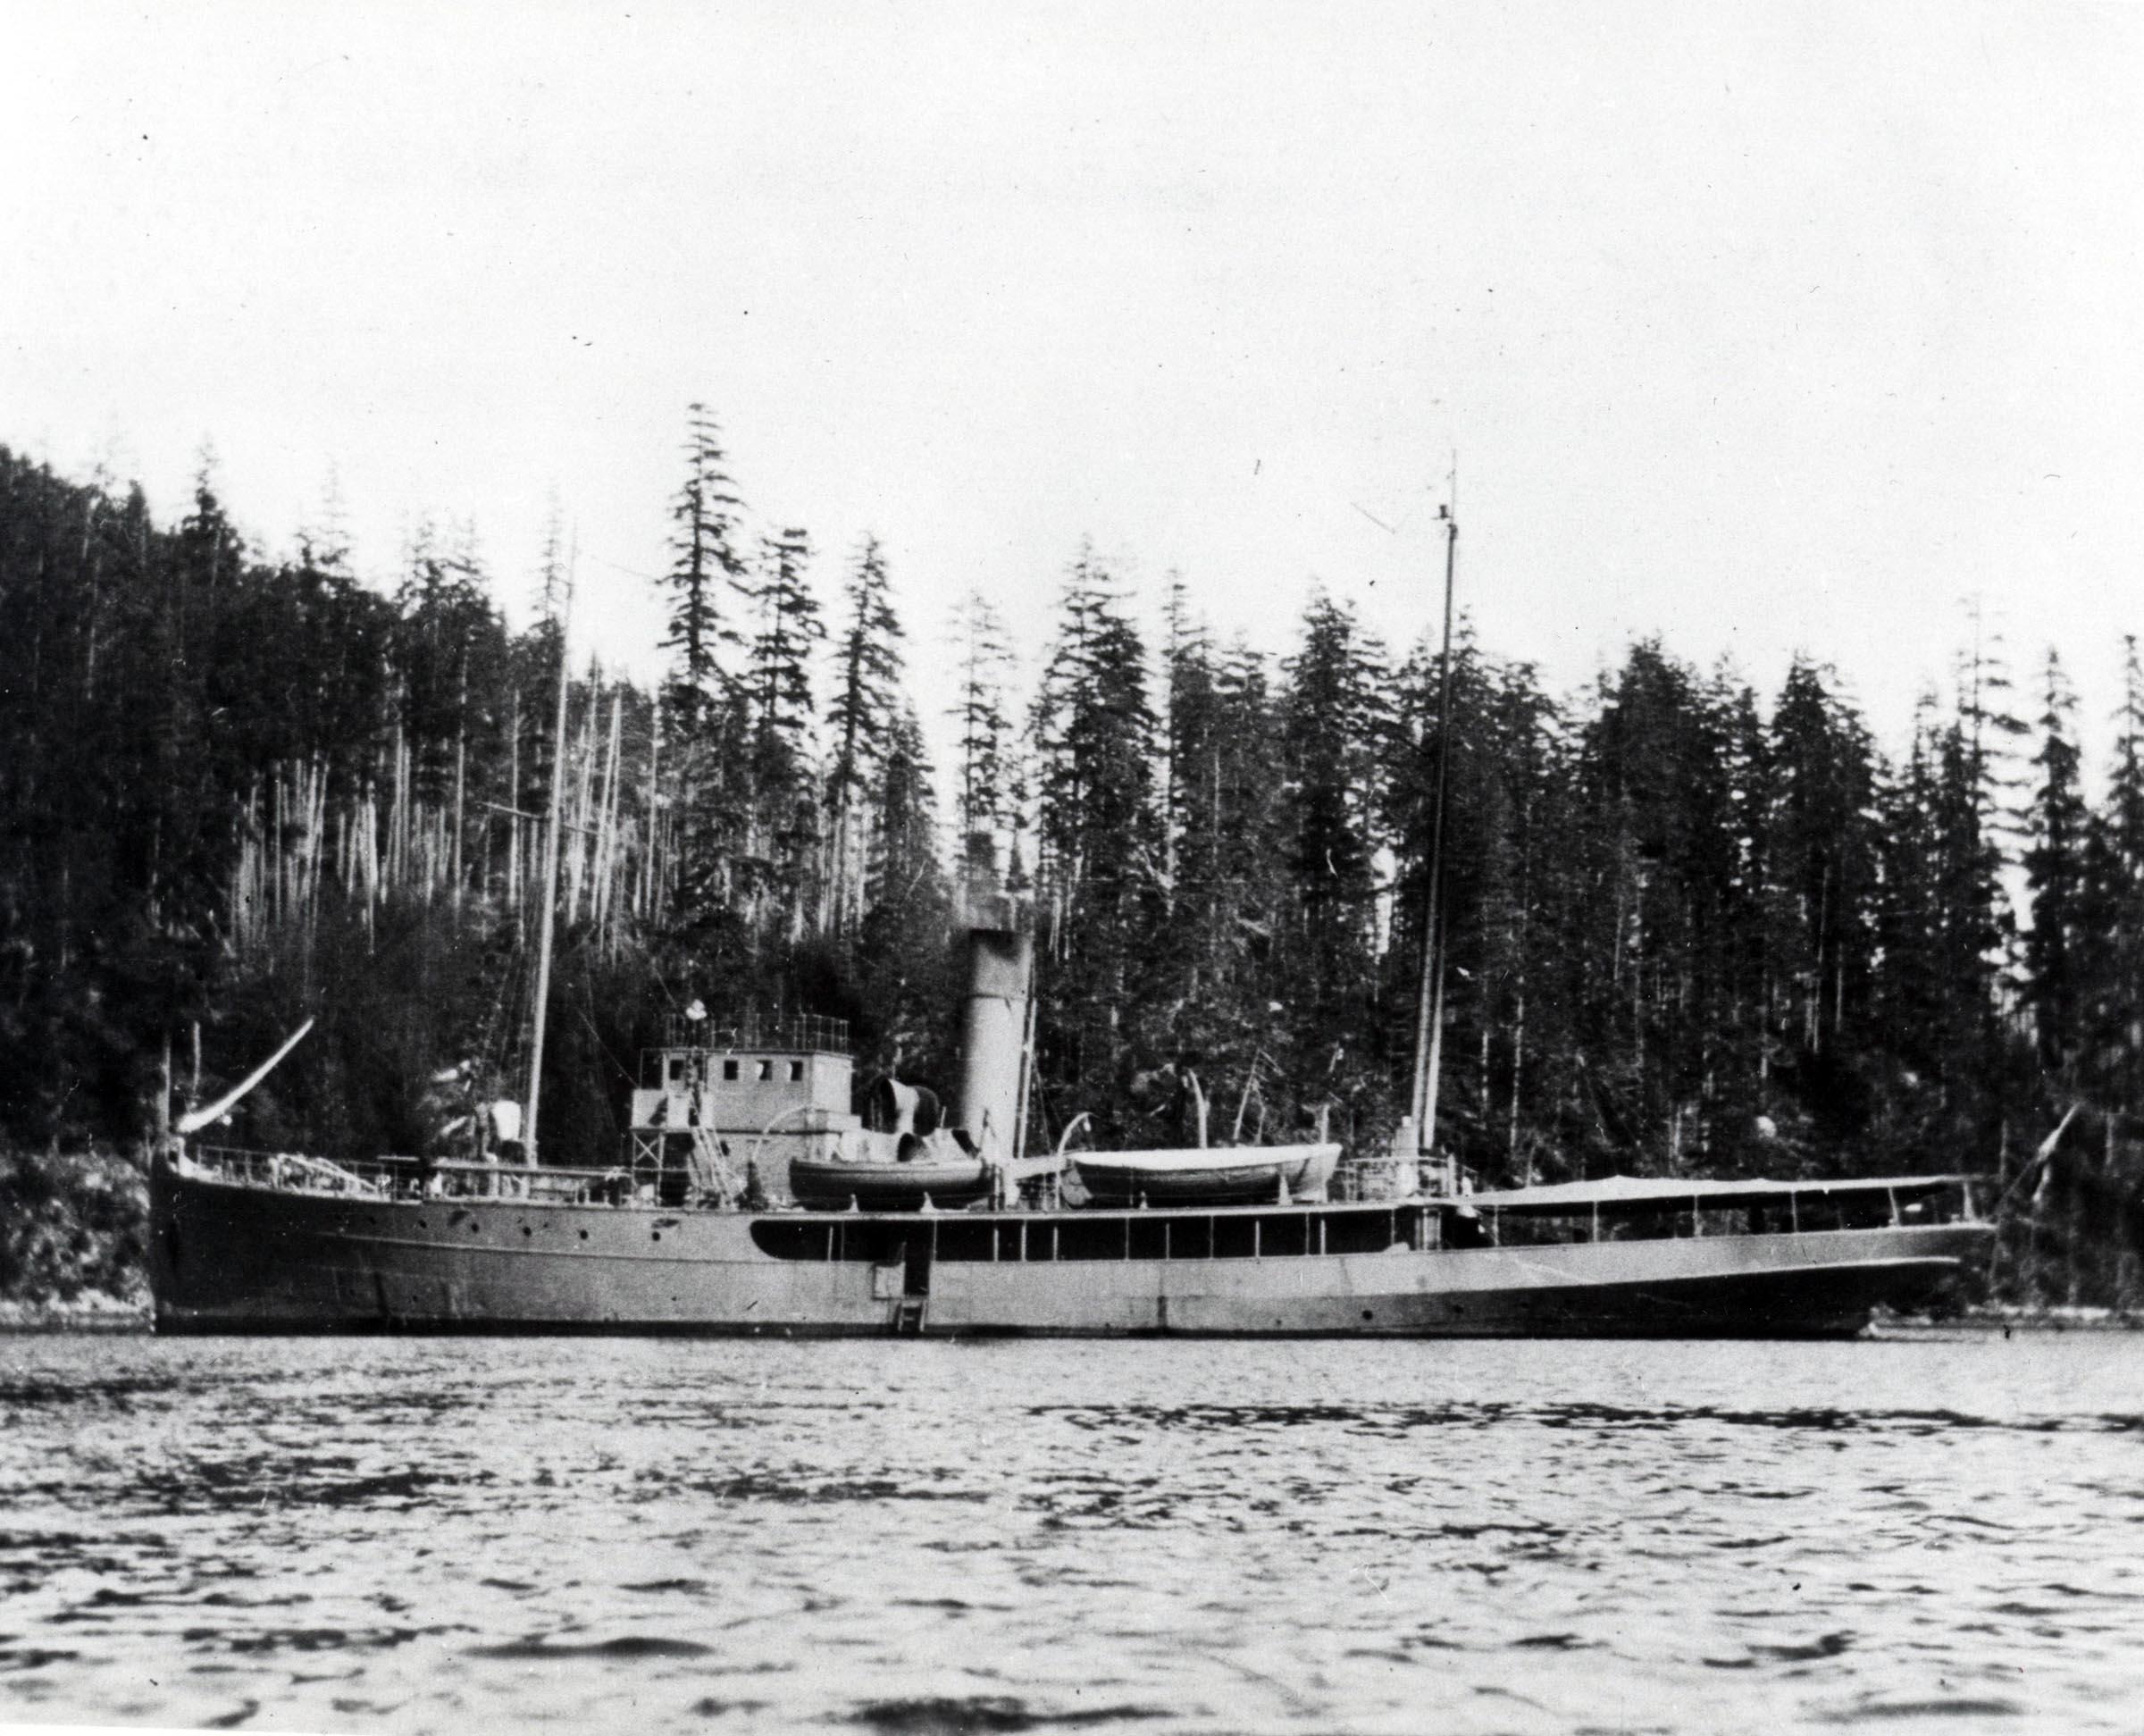 HMCS GALIANO